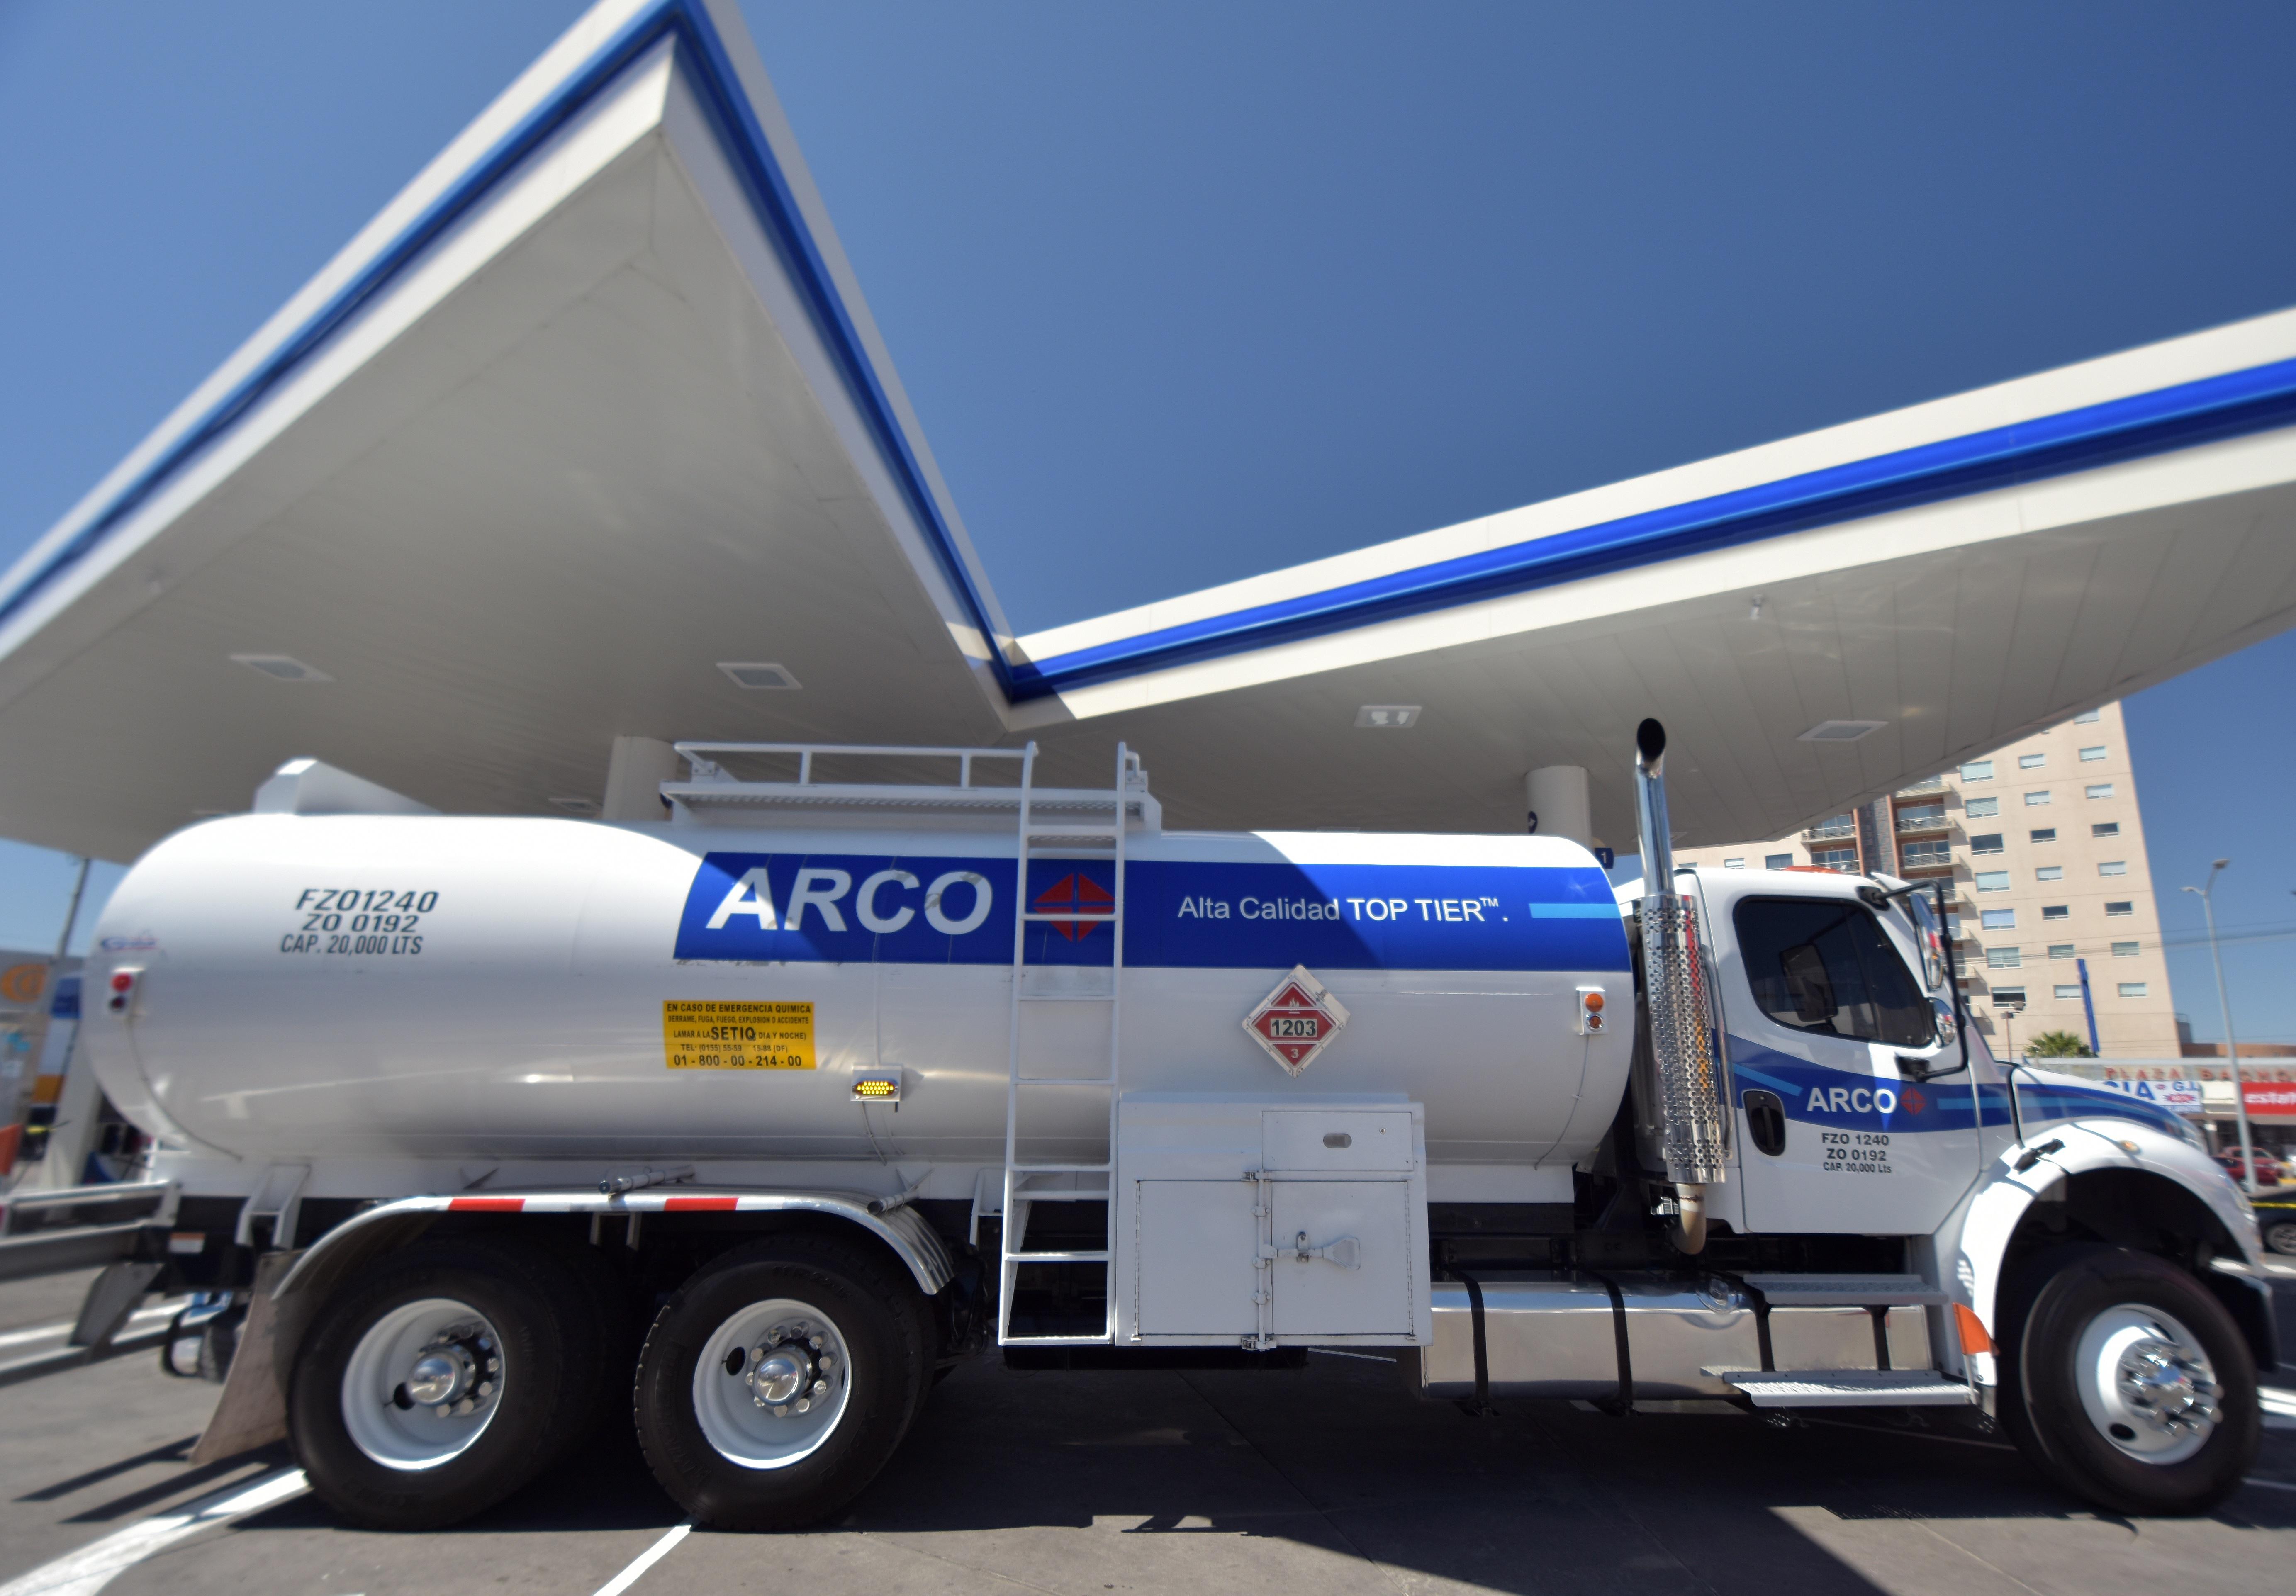 Arco y Exxon, las que más le ganaron a la gasolina la semana pasada